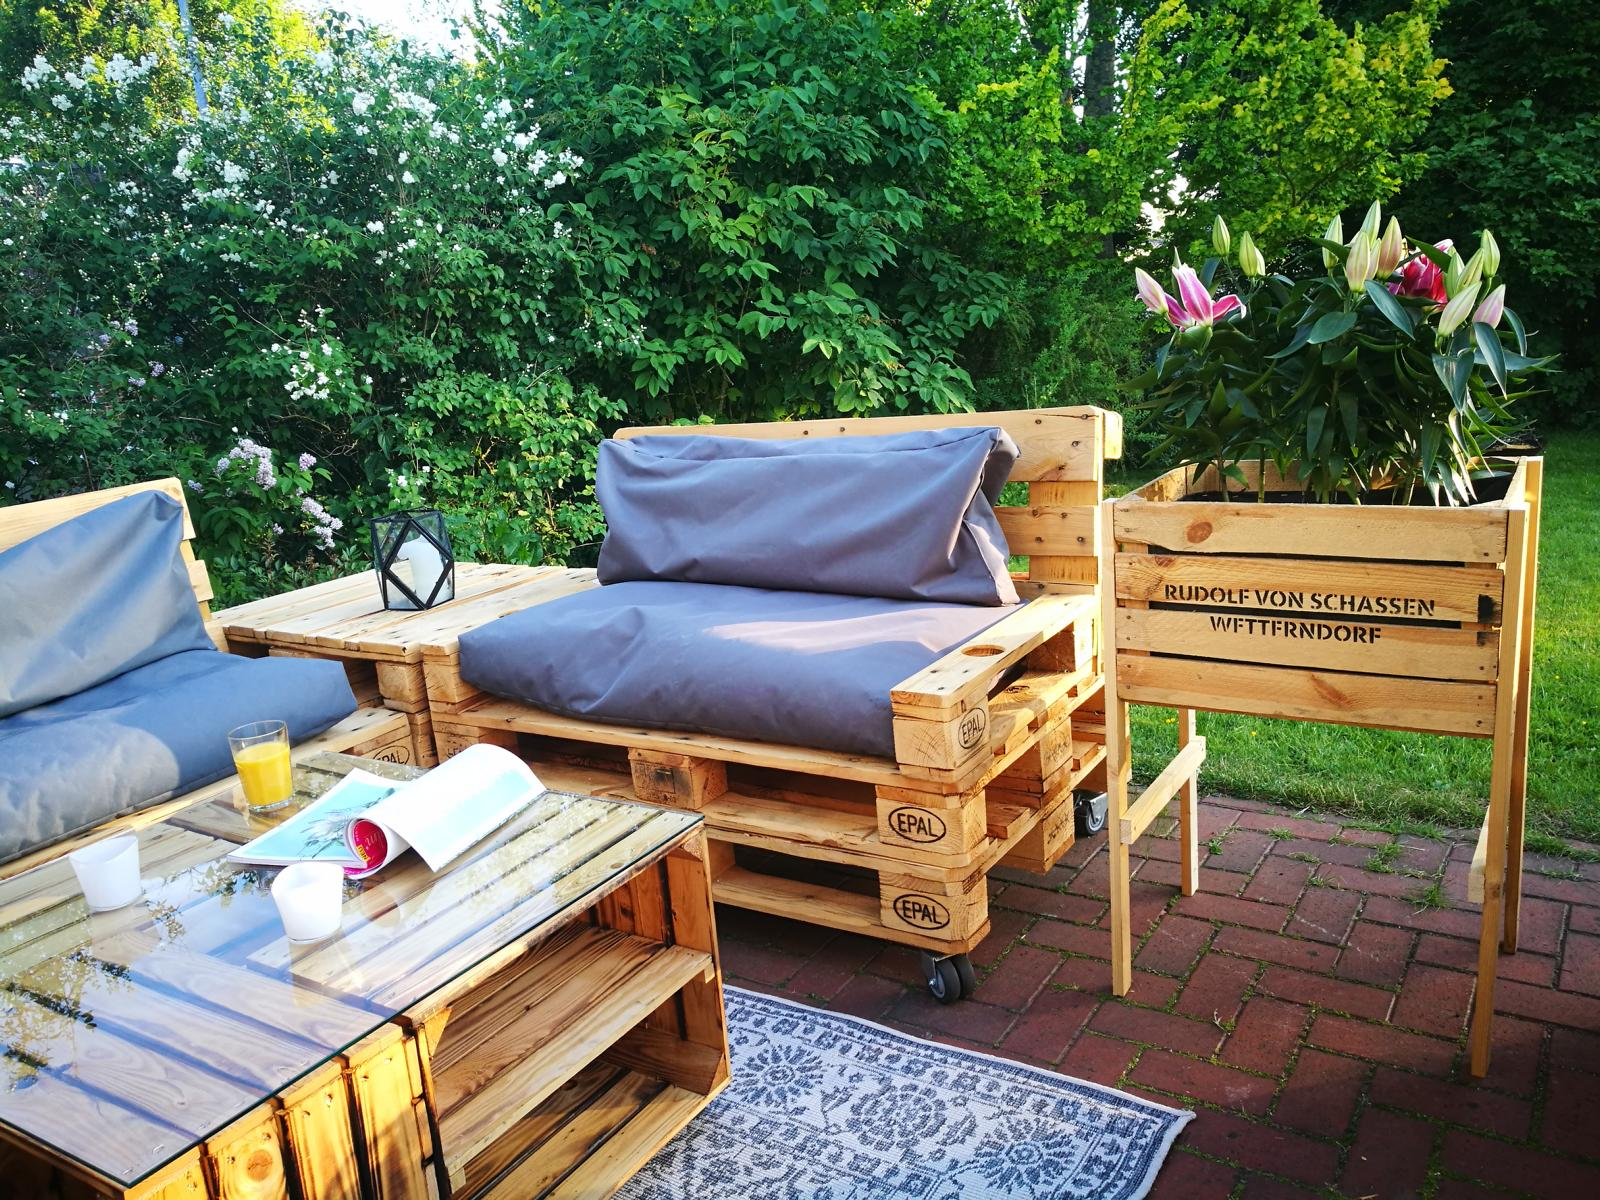 Bemerkenswert Hochbeet Diy Dekoration Von Sie Lernen Anhand Der Gartenarbeit Selbst Verantwortung